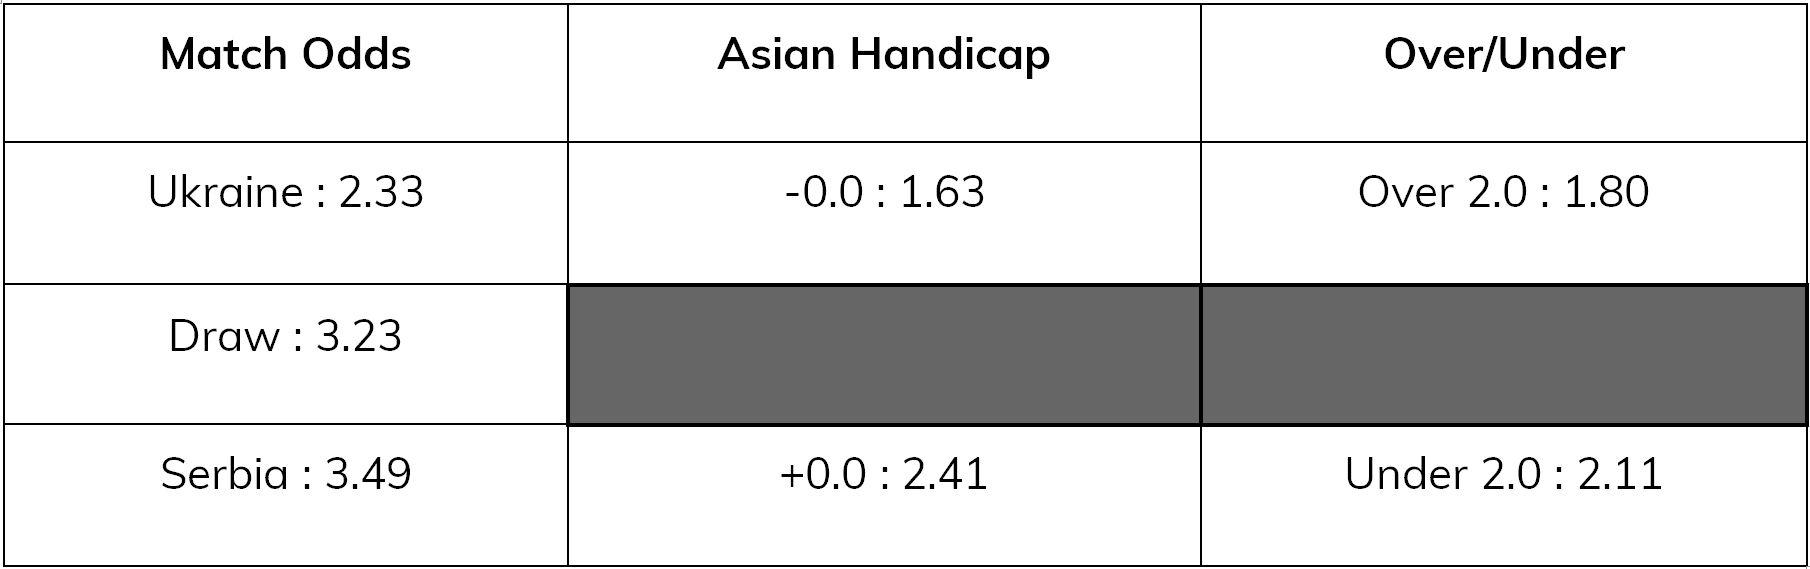 serbia-v-switzerland-asian-handicap-eastbridge2